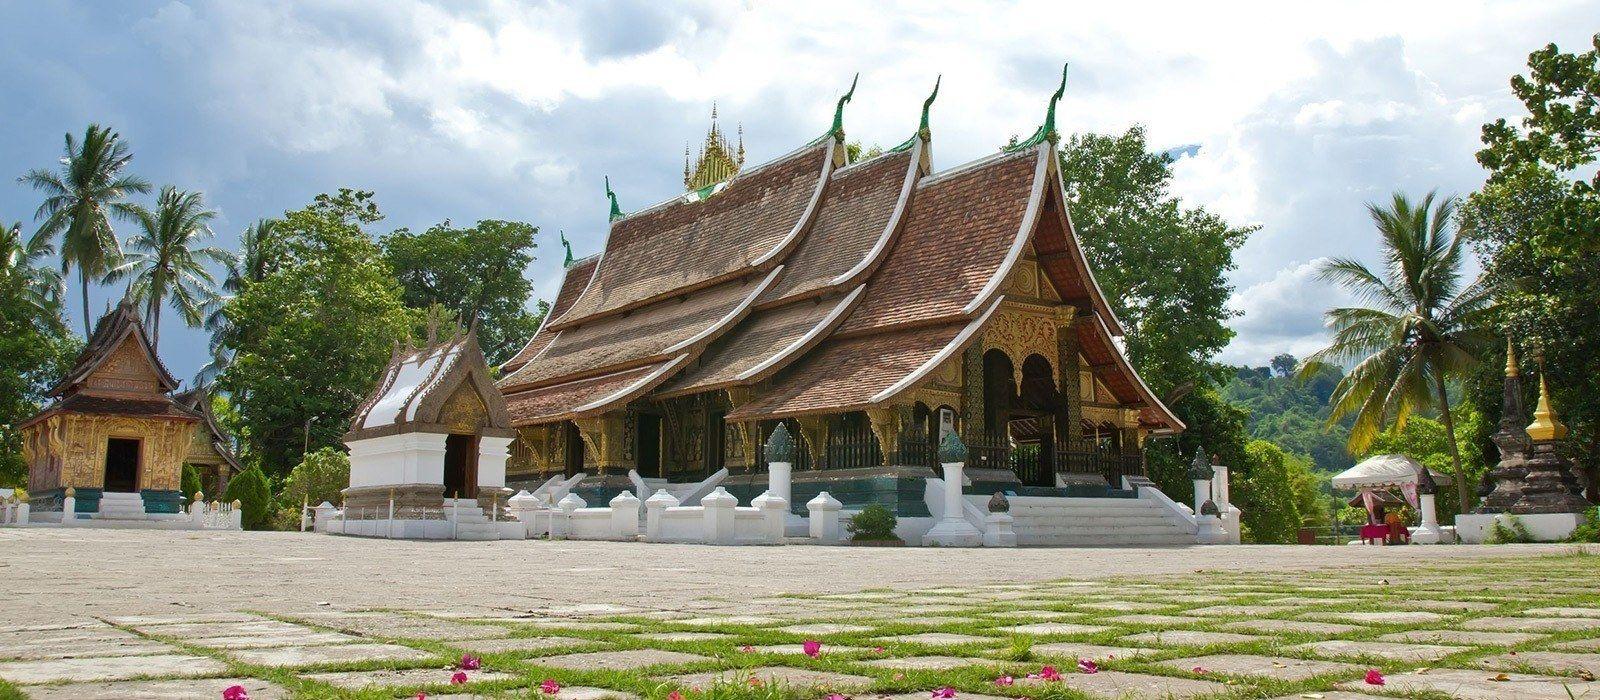 Laos Reise zu Lande und zu Wasser Urlaub 3